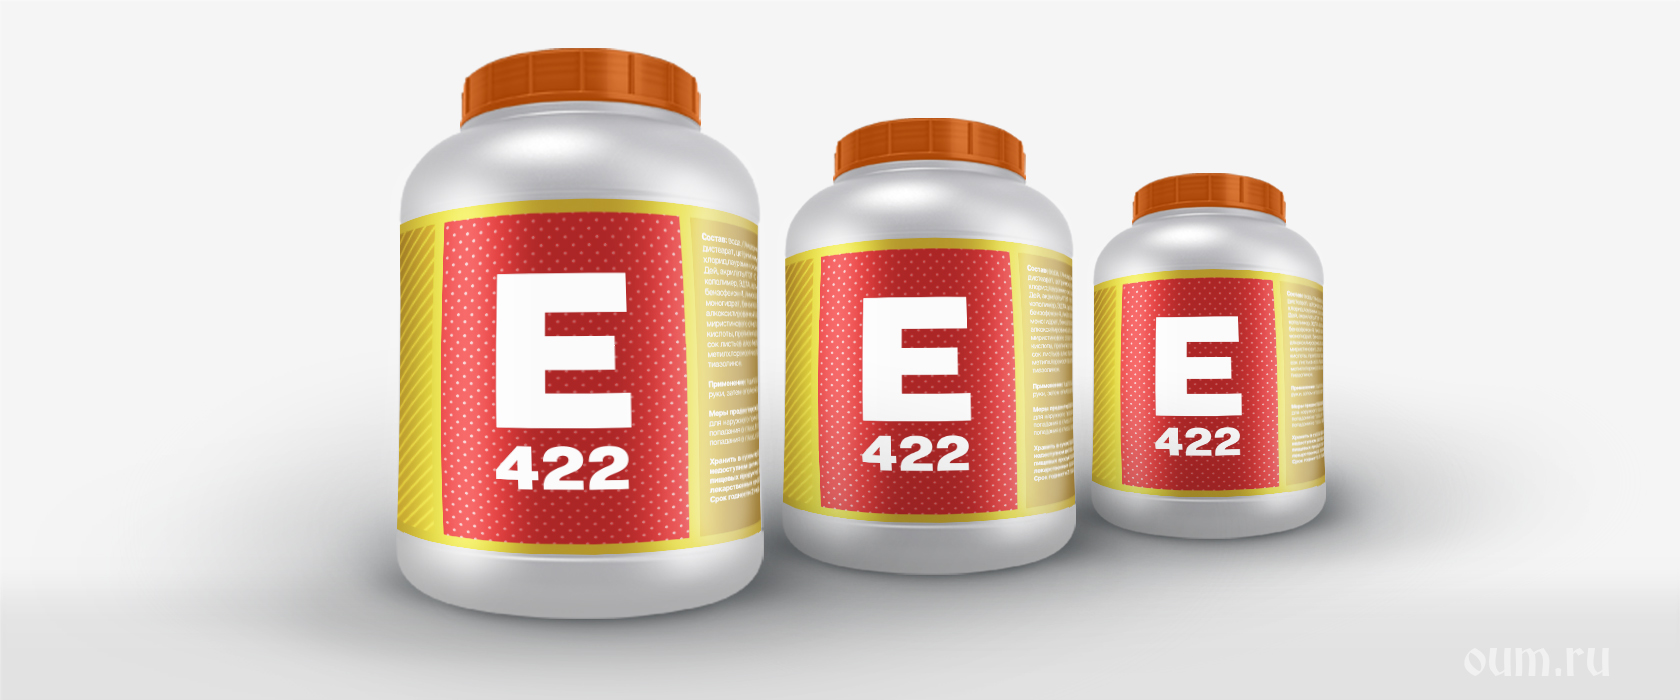 Пищевой глицерин Е 422: влияние пищевой добавки на организм человека